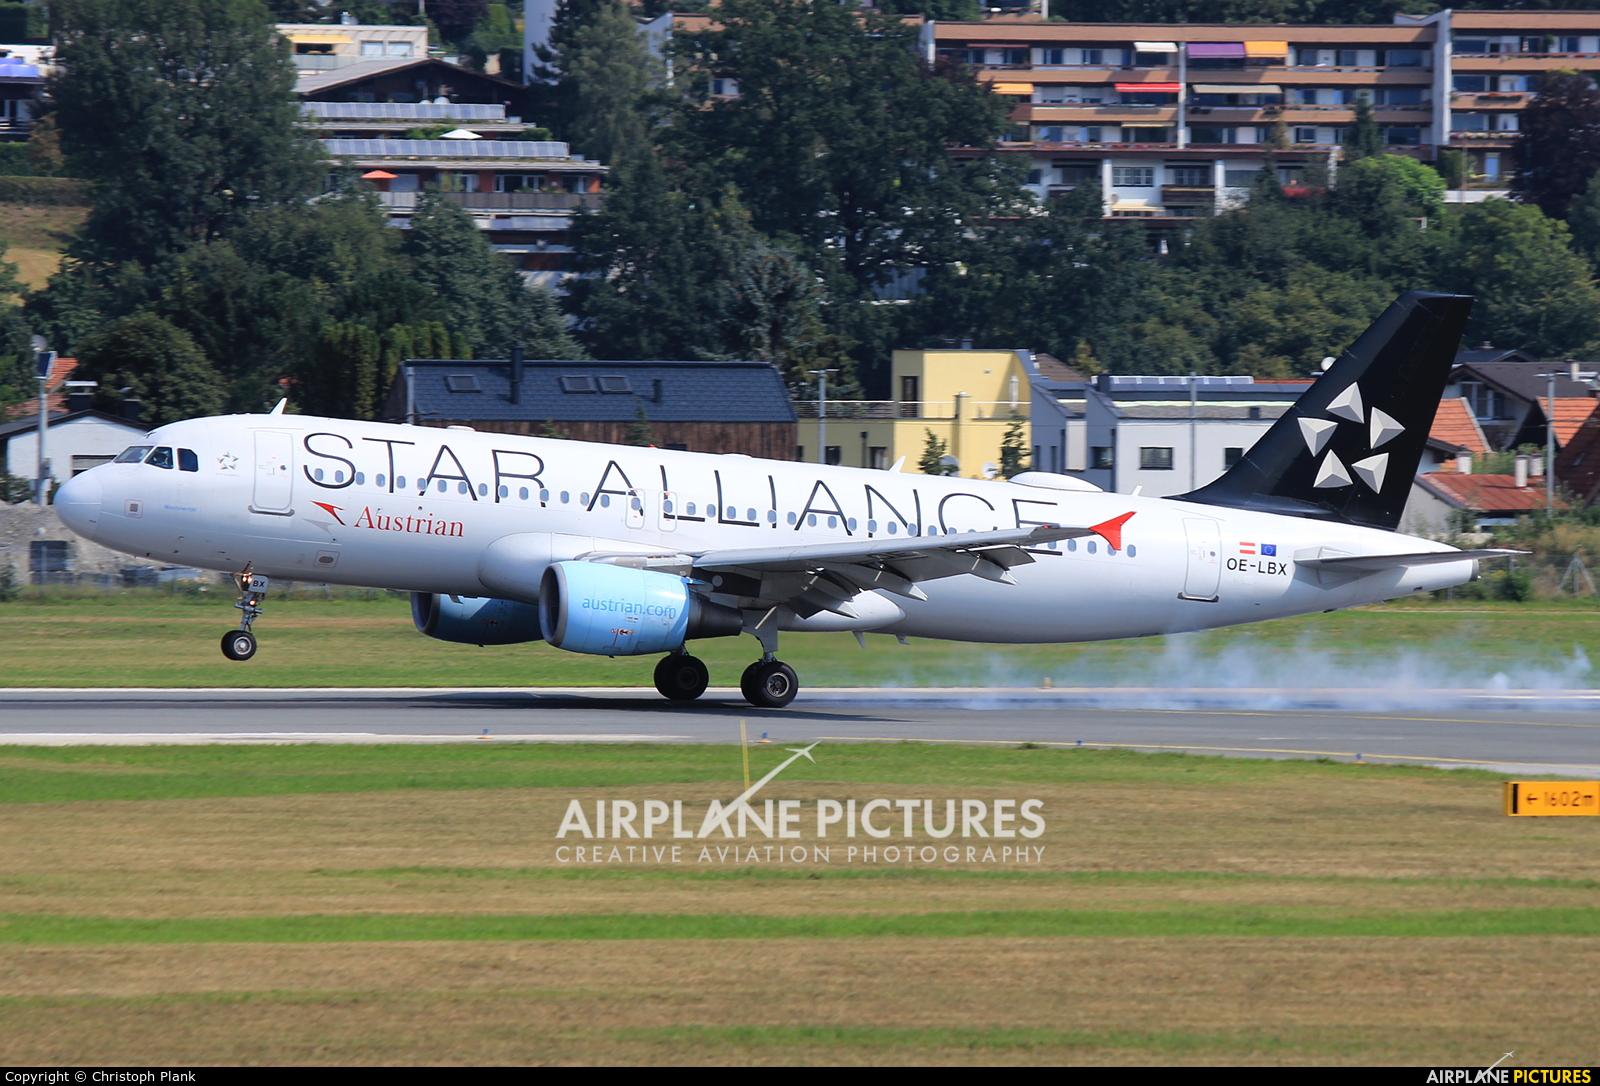 Austrian Airlines/Arrows/Tyrolean OE-LBX aircraft at Innsbruck